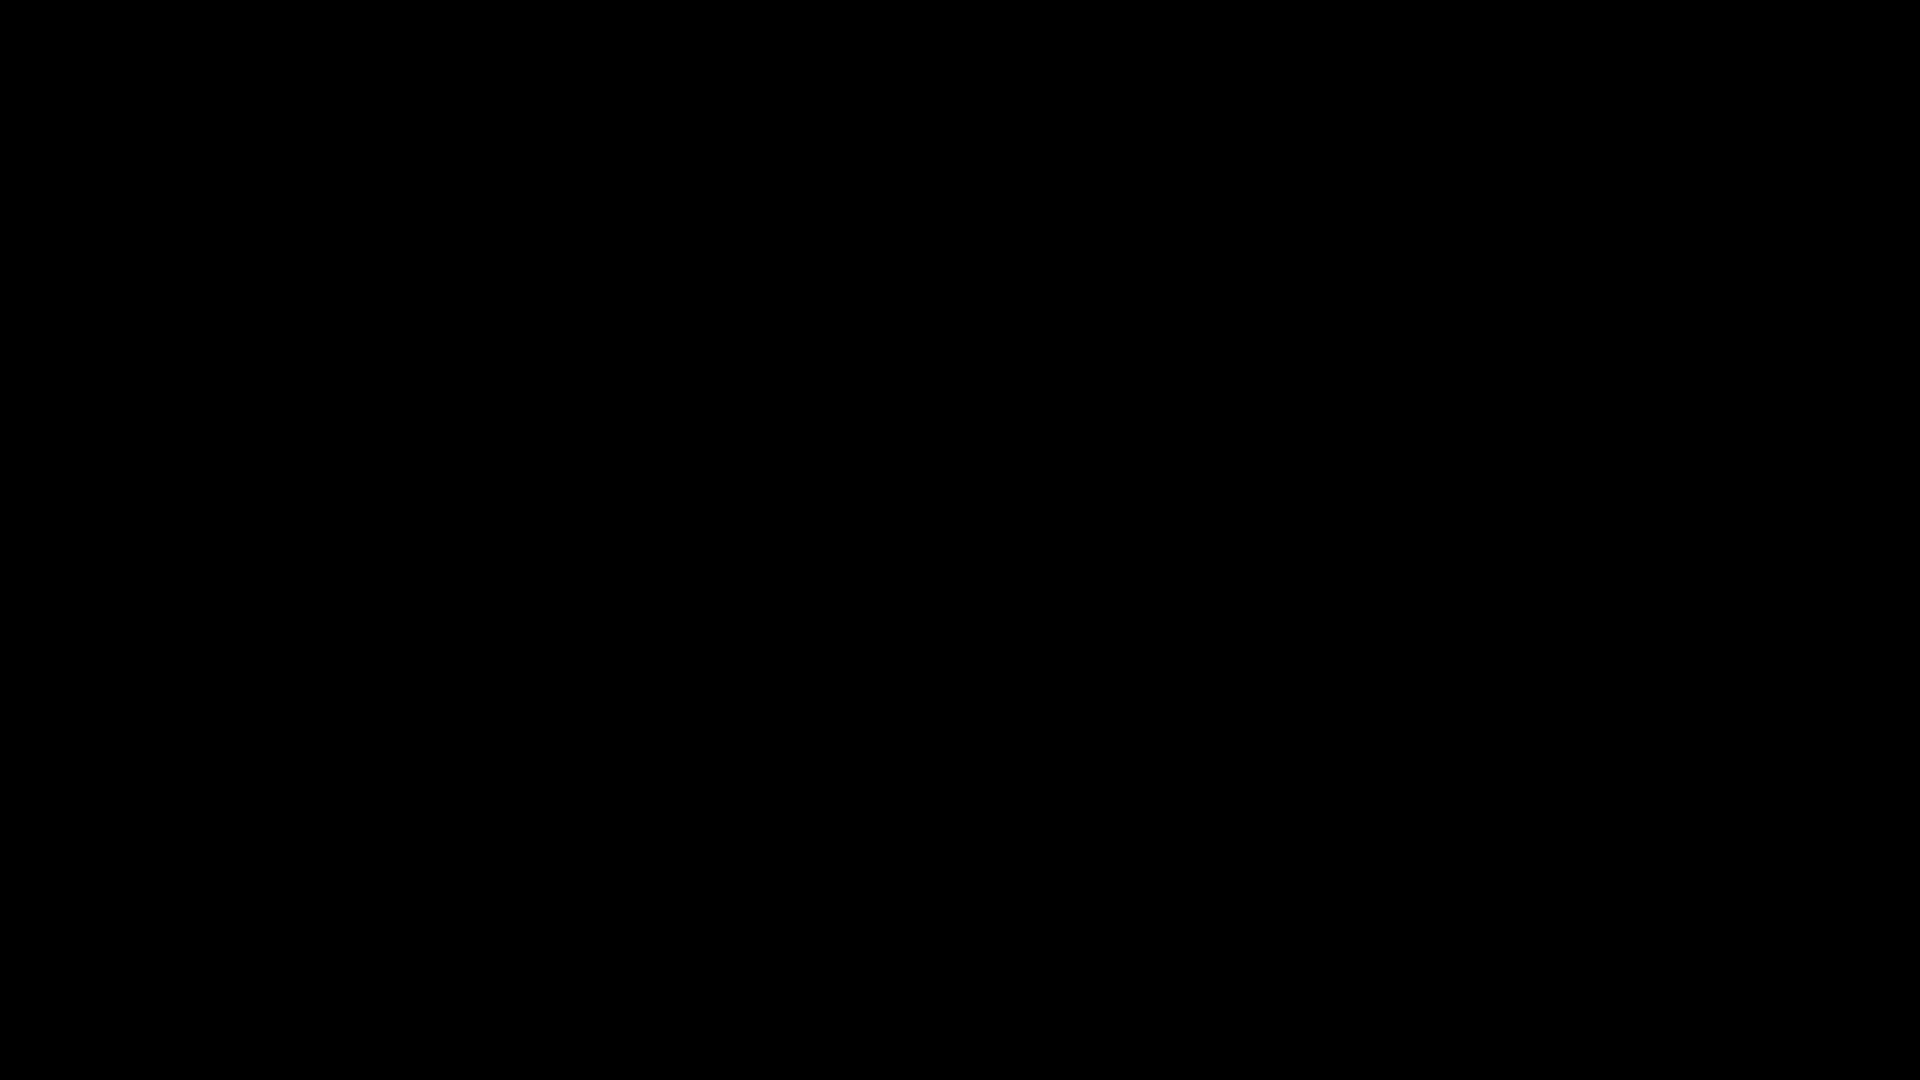 LEDiL_LOGO_BLACK_RGB.png